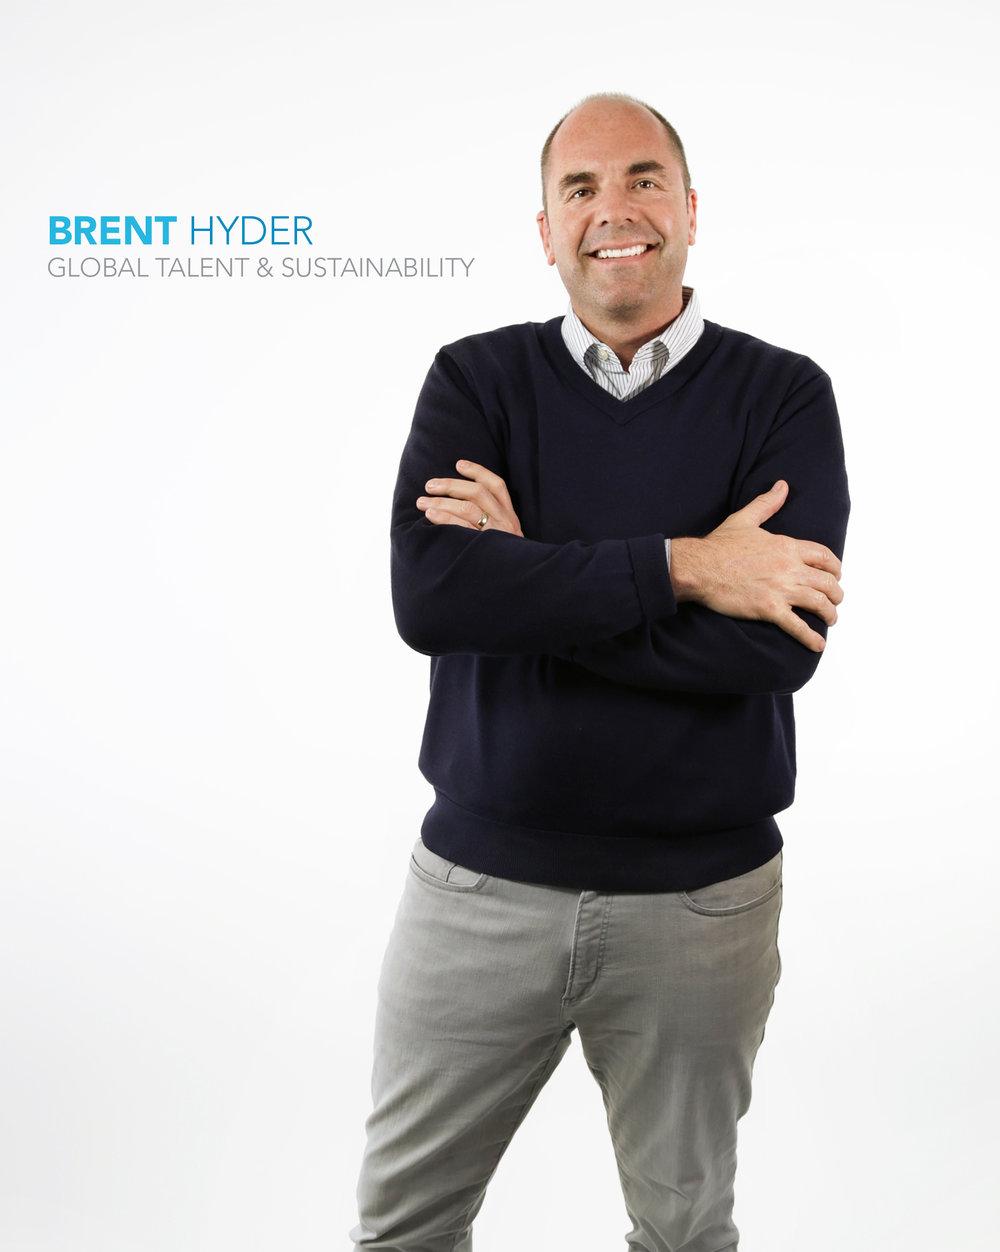 Brent Hyder #WeAreGapInc